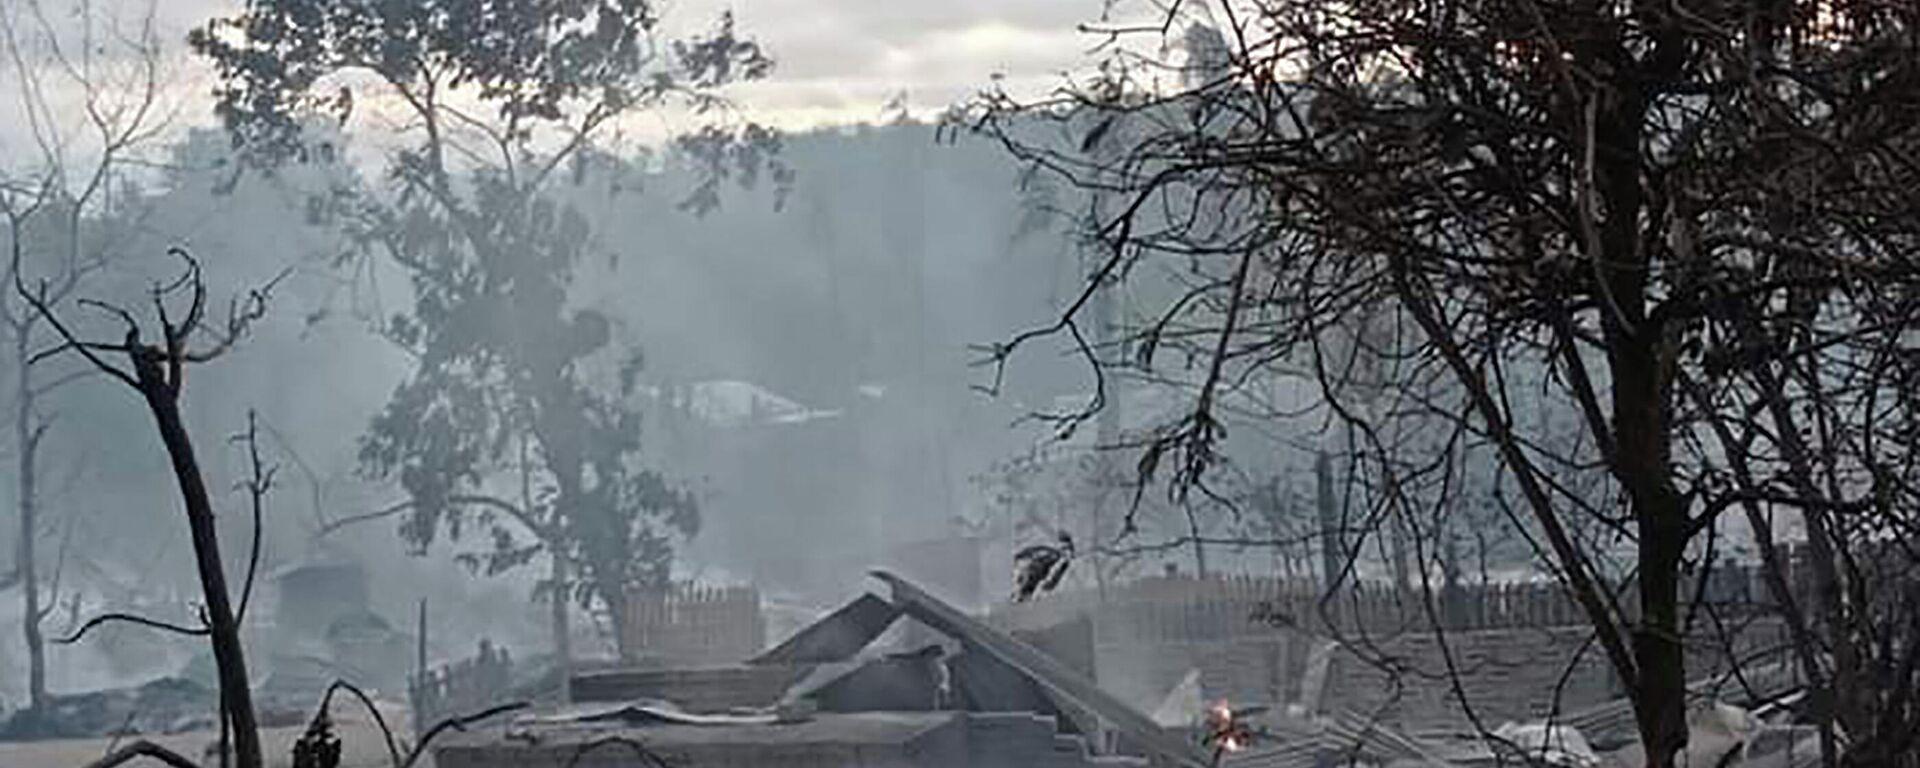 Soldaten in Myanmar brennen das Dorf Kin Ma in der Region Magway nieder. 16. Juni 2021 - SNA, 1920, 16.06.2021